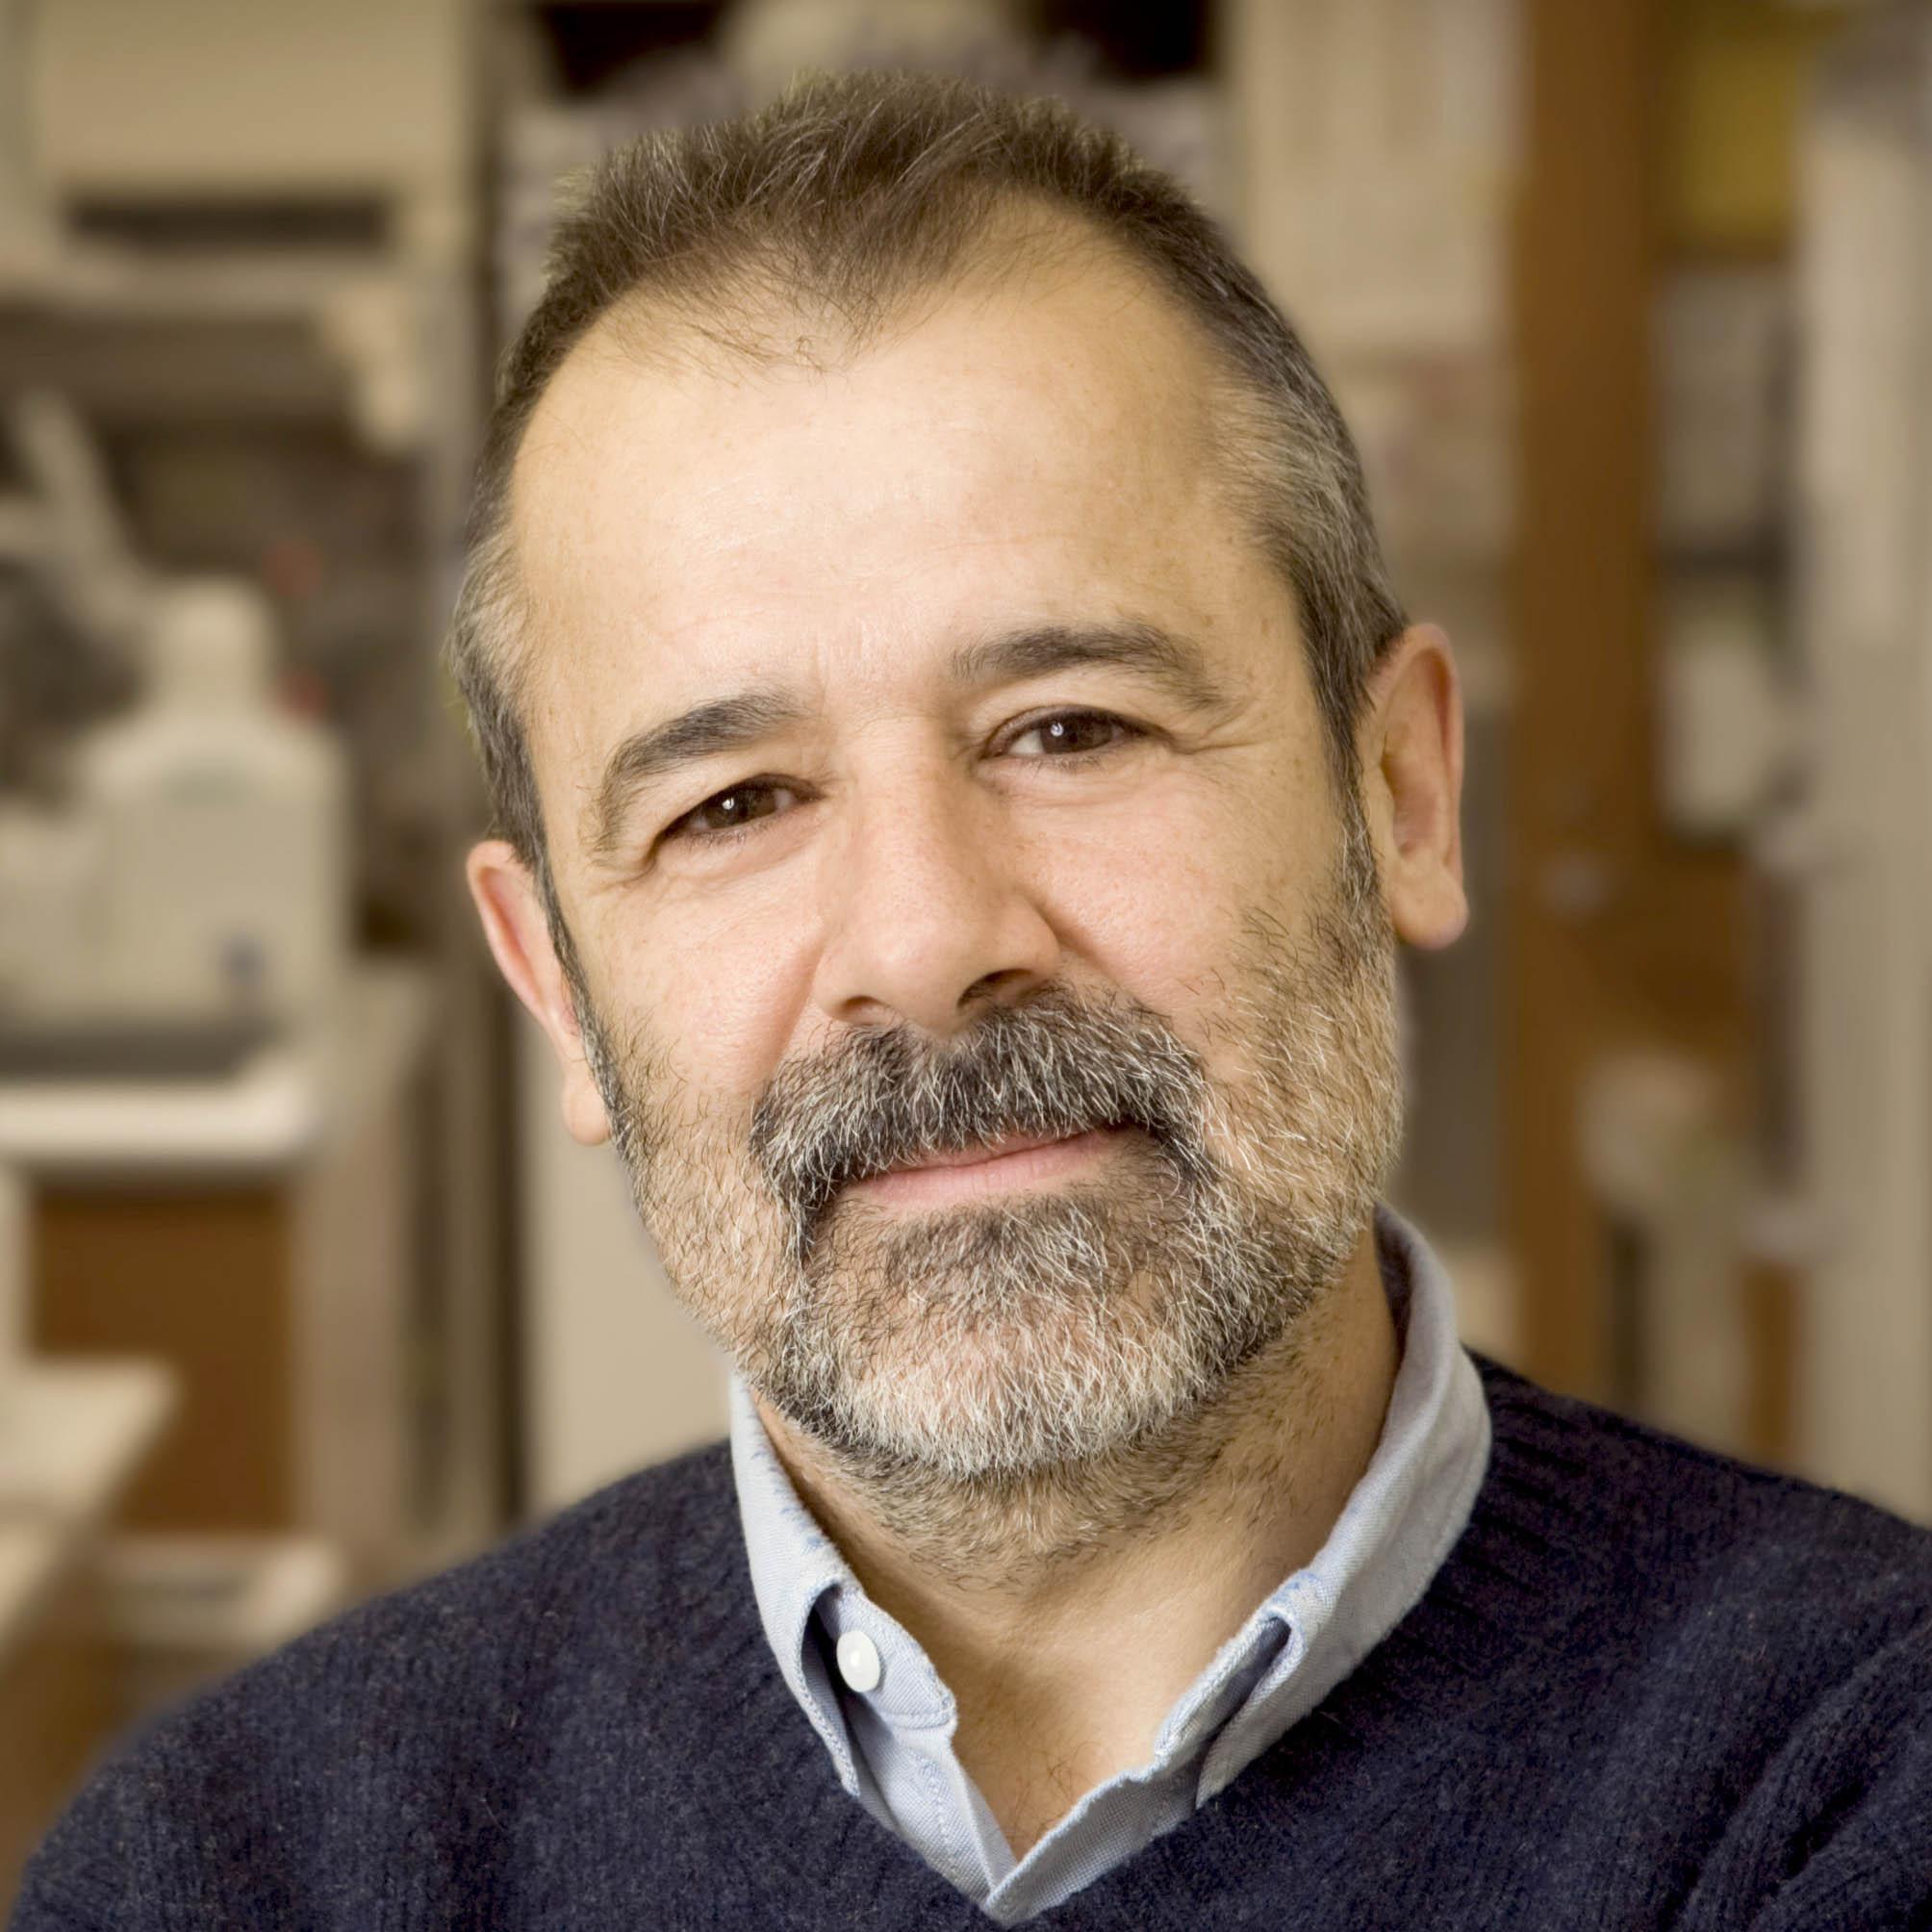 Jorge Galan